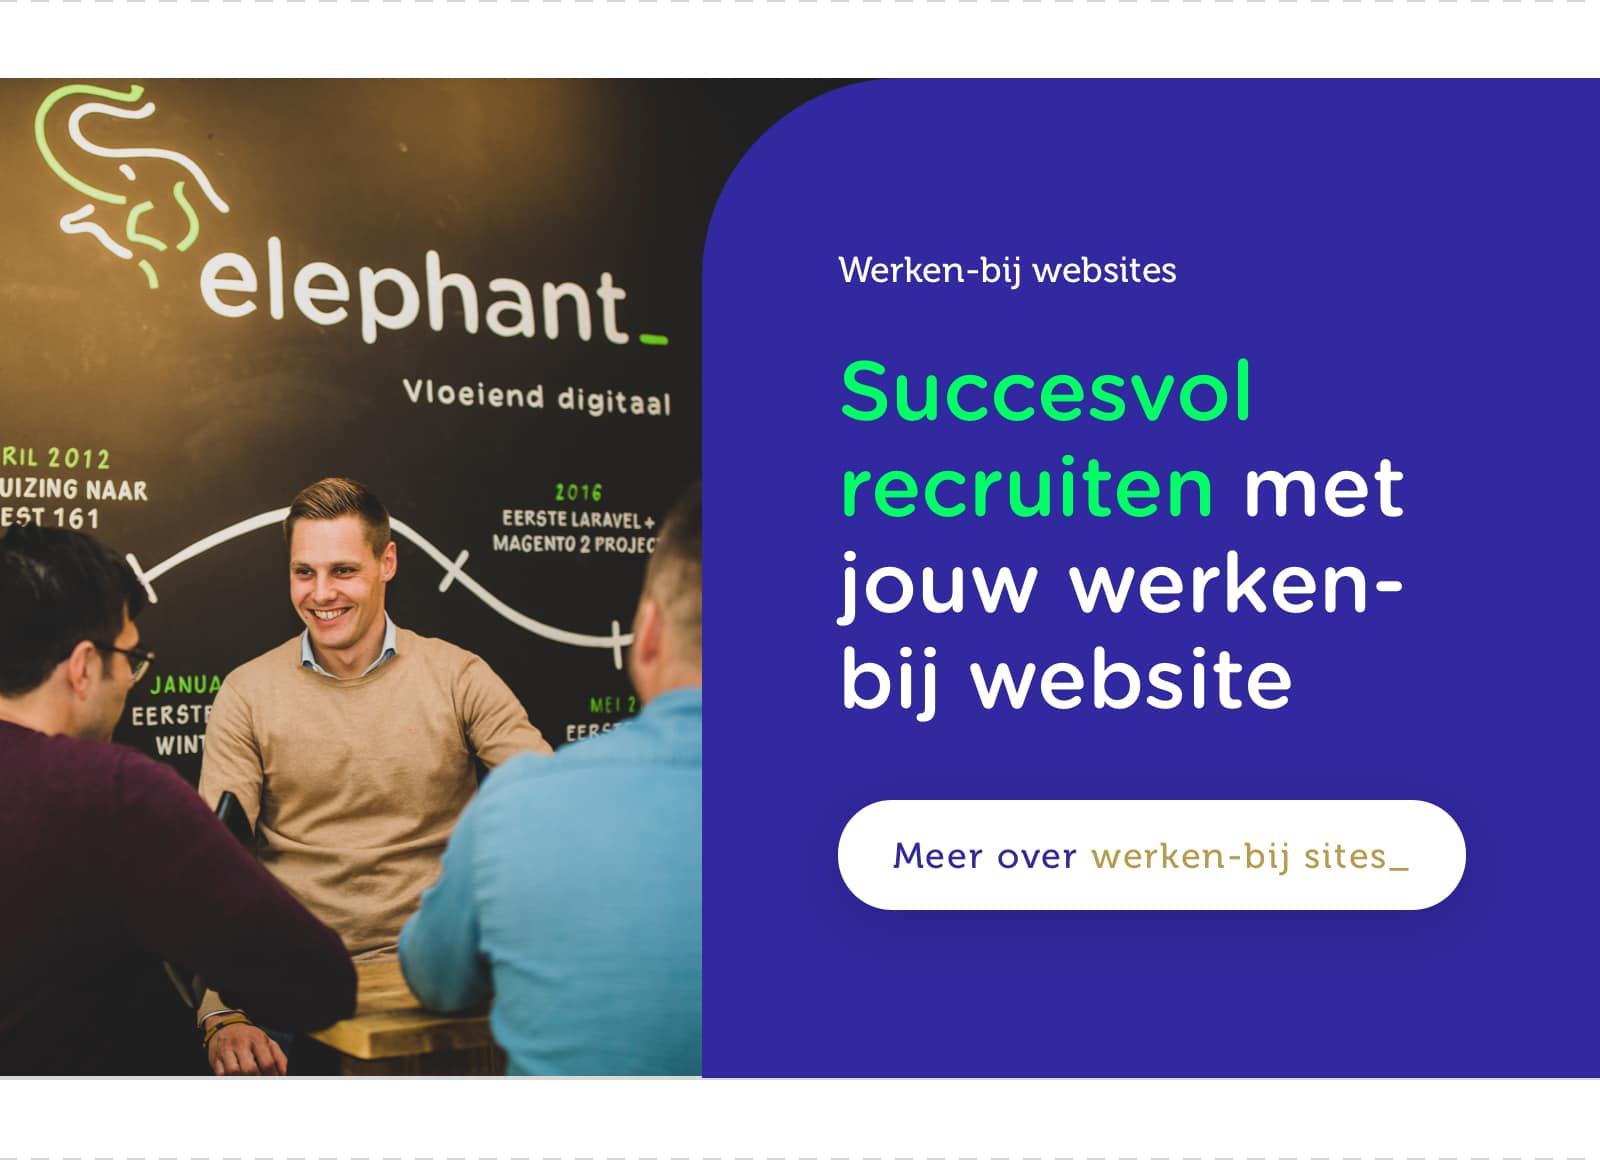 Lees meer over werken-bij websites